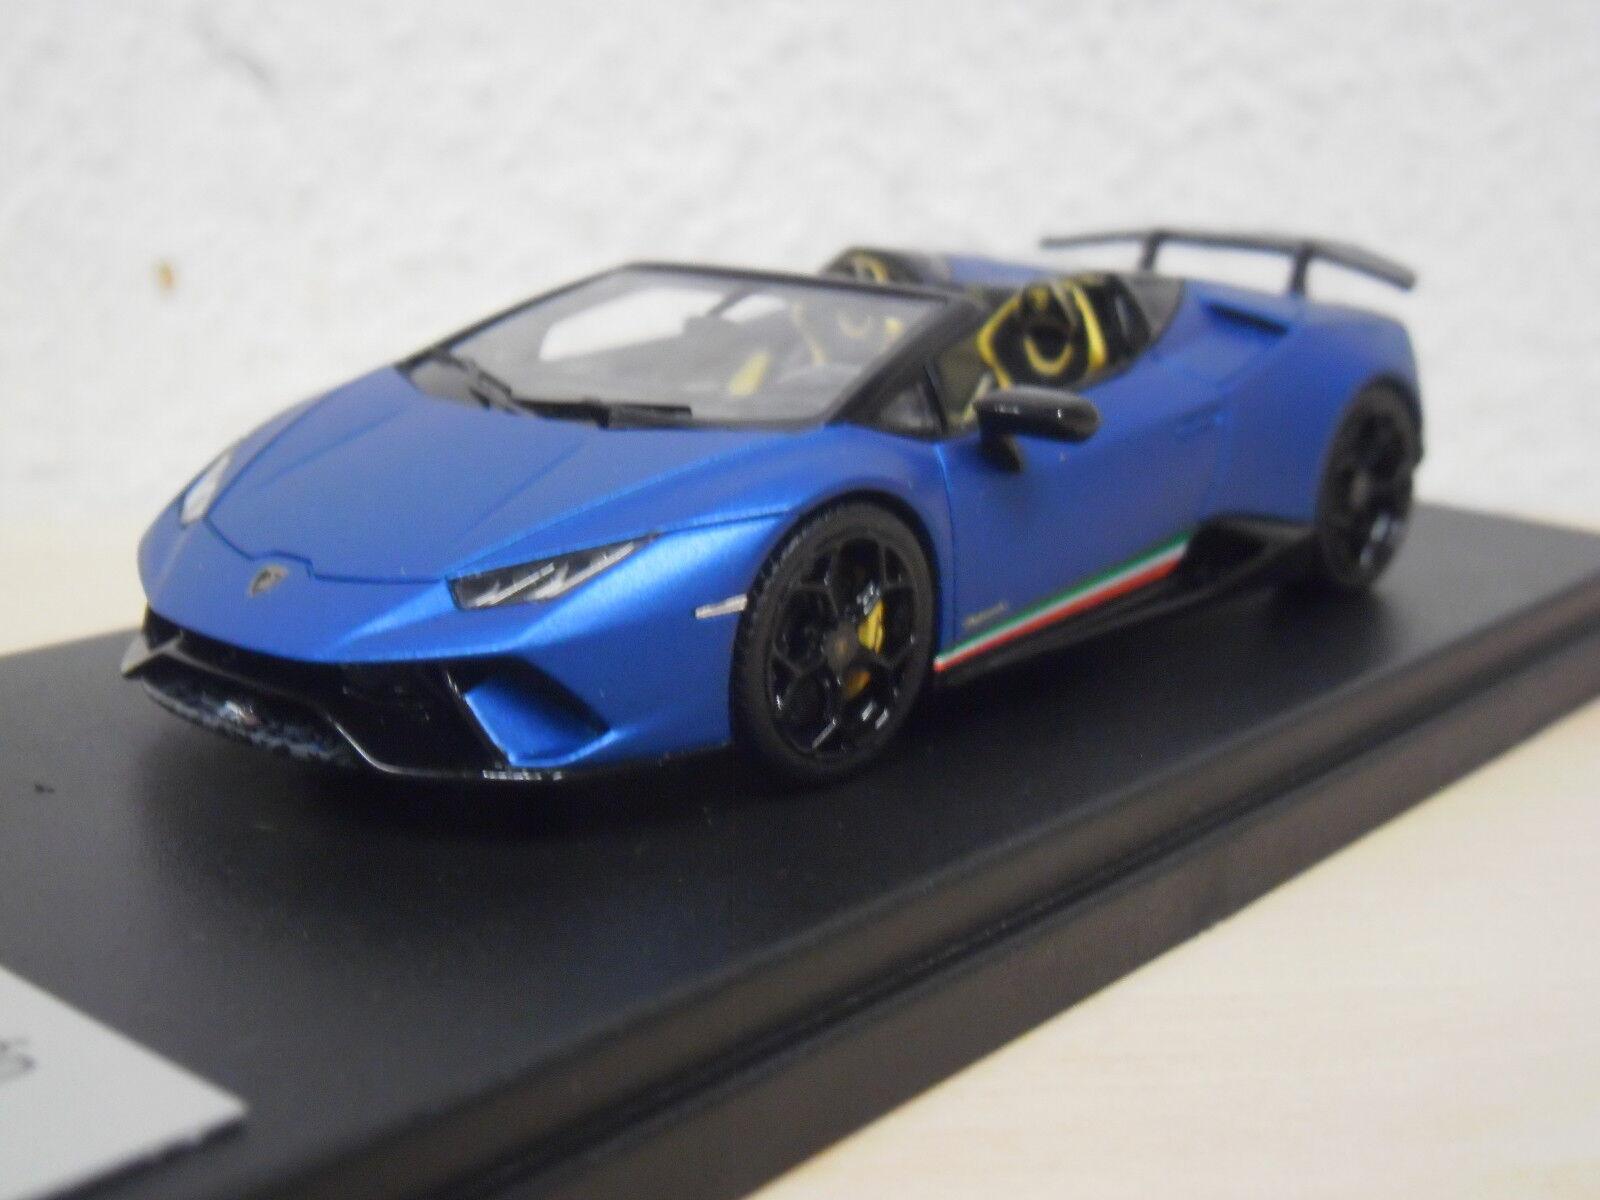 Prix double section  smart-Lamborghini Huracan perforFemmete Spyder-Blu AEGEUS-ls481a 1:43   Moderne Et élégant à La Mode